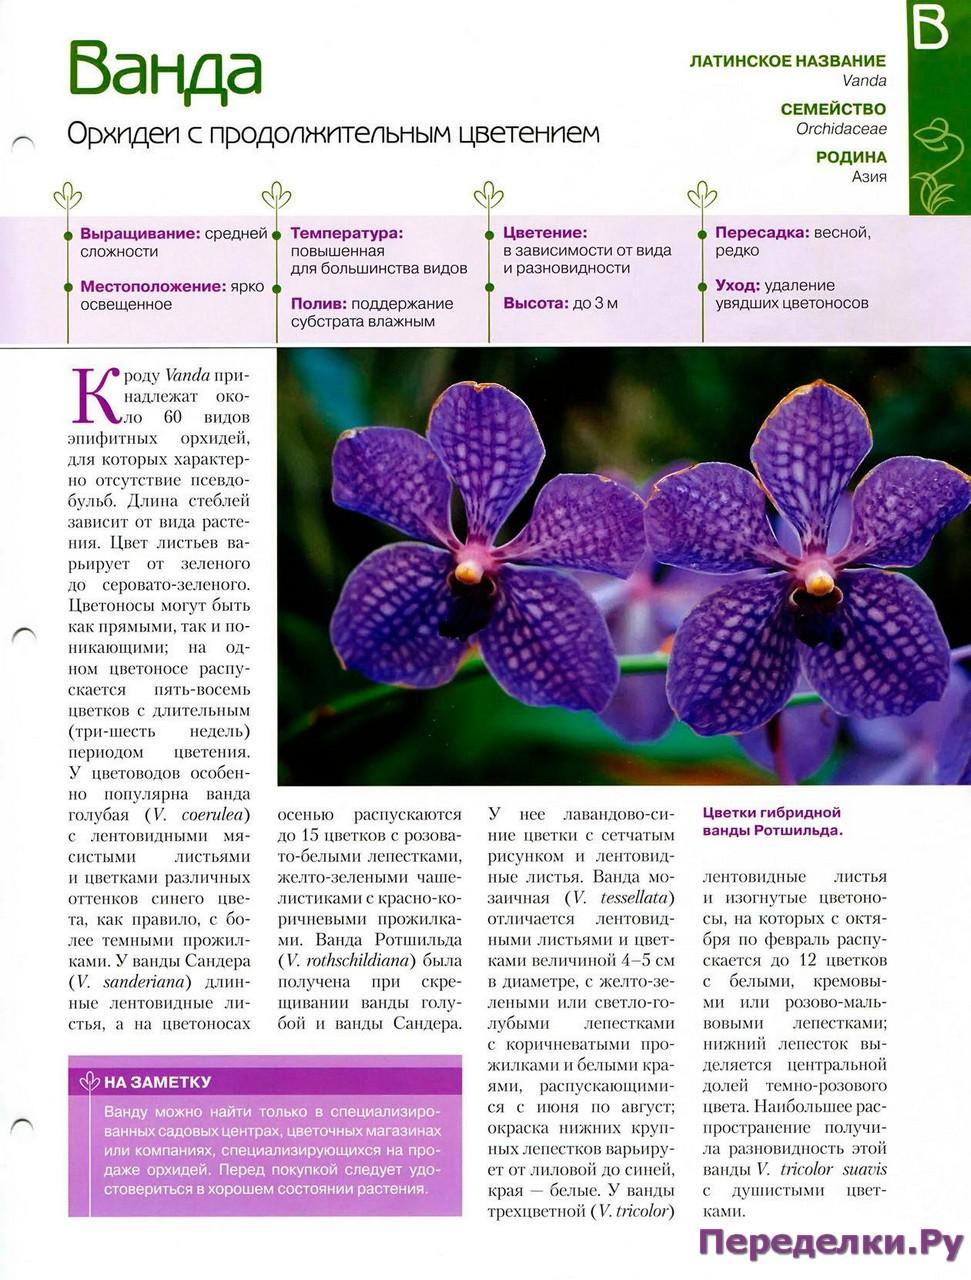 орхидея или фаленопсис - Страница 2 24168666294_d366d0aa72_o